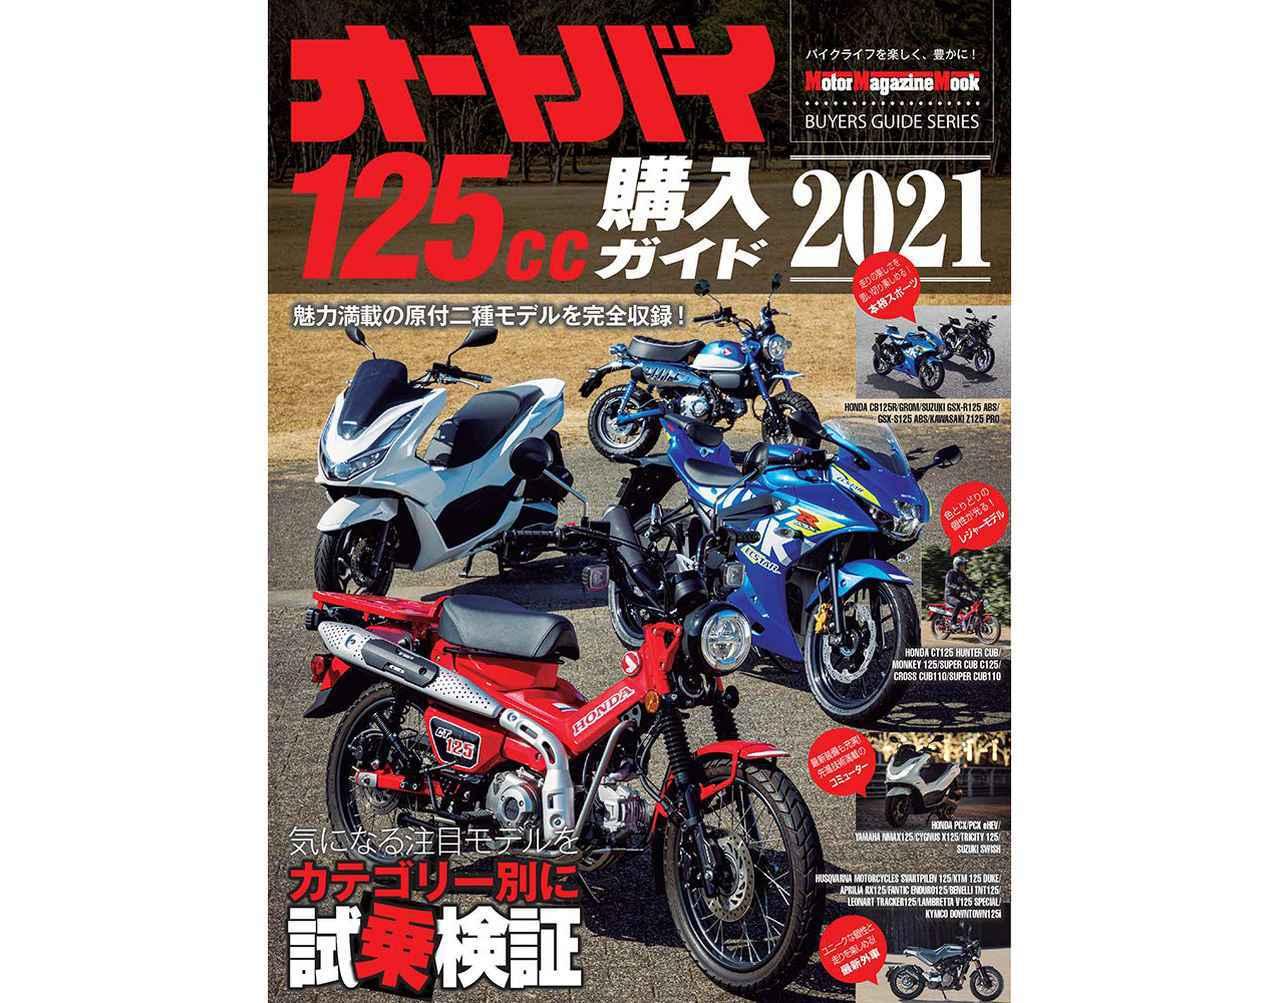 画像: 国内外の原付二種を徹底網羅!『オートバイ125cc購入ガイド2021』好評発売中 - webオートバイ